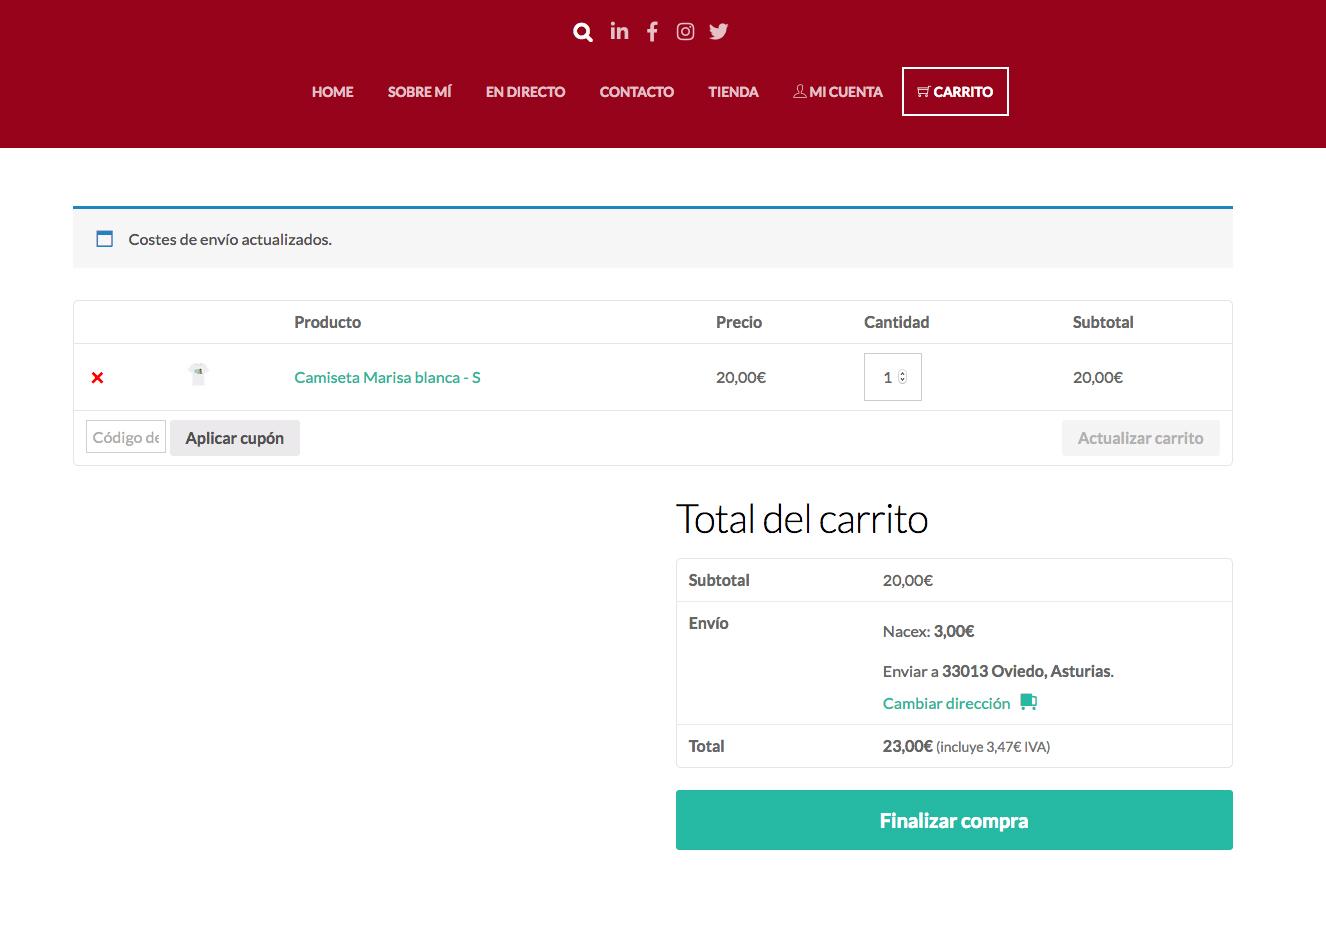 Te aparecerá el precio de los datos de envío (3 euros) y ya puedes darle al botón verde de FINALIZAR COMPRA.